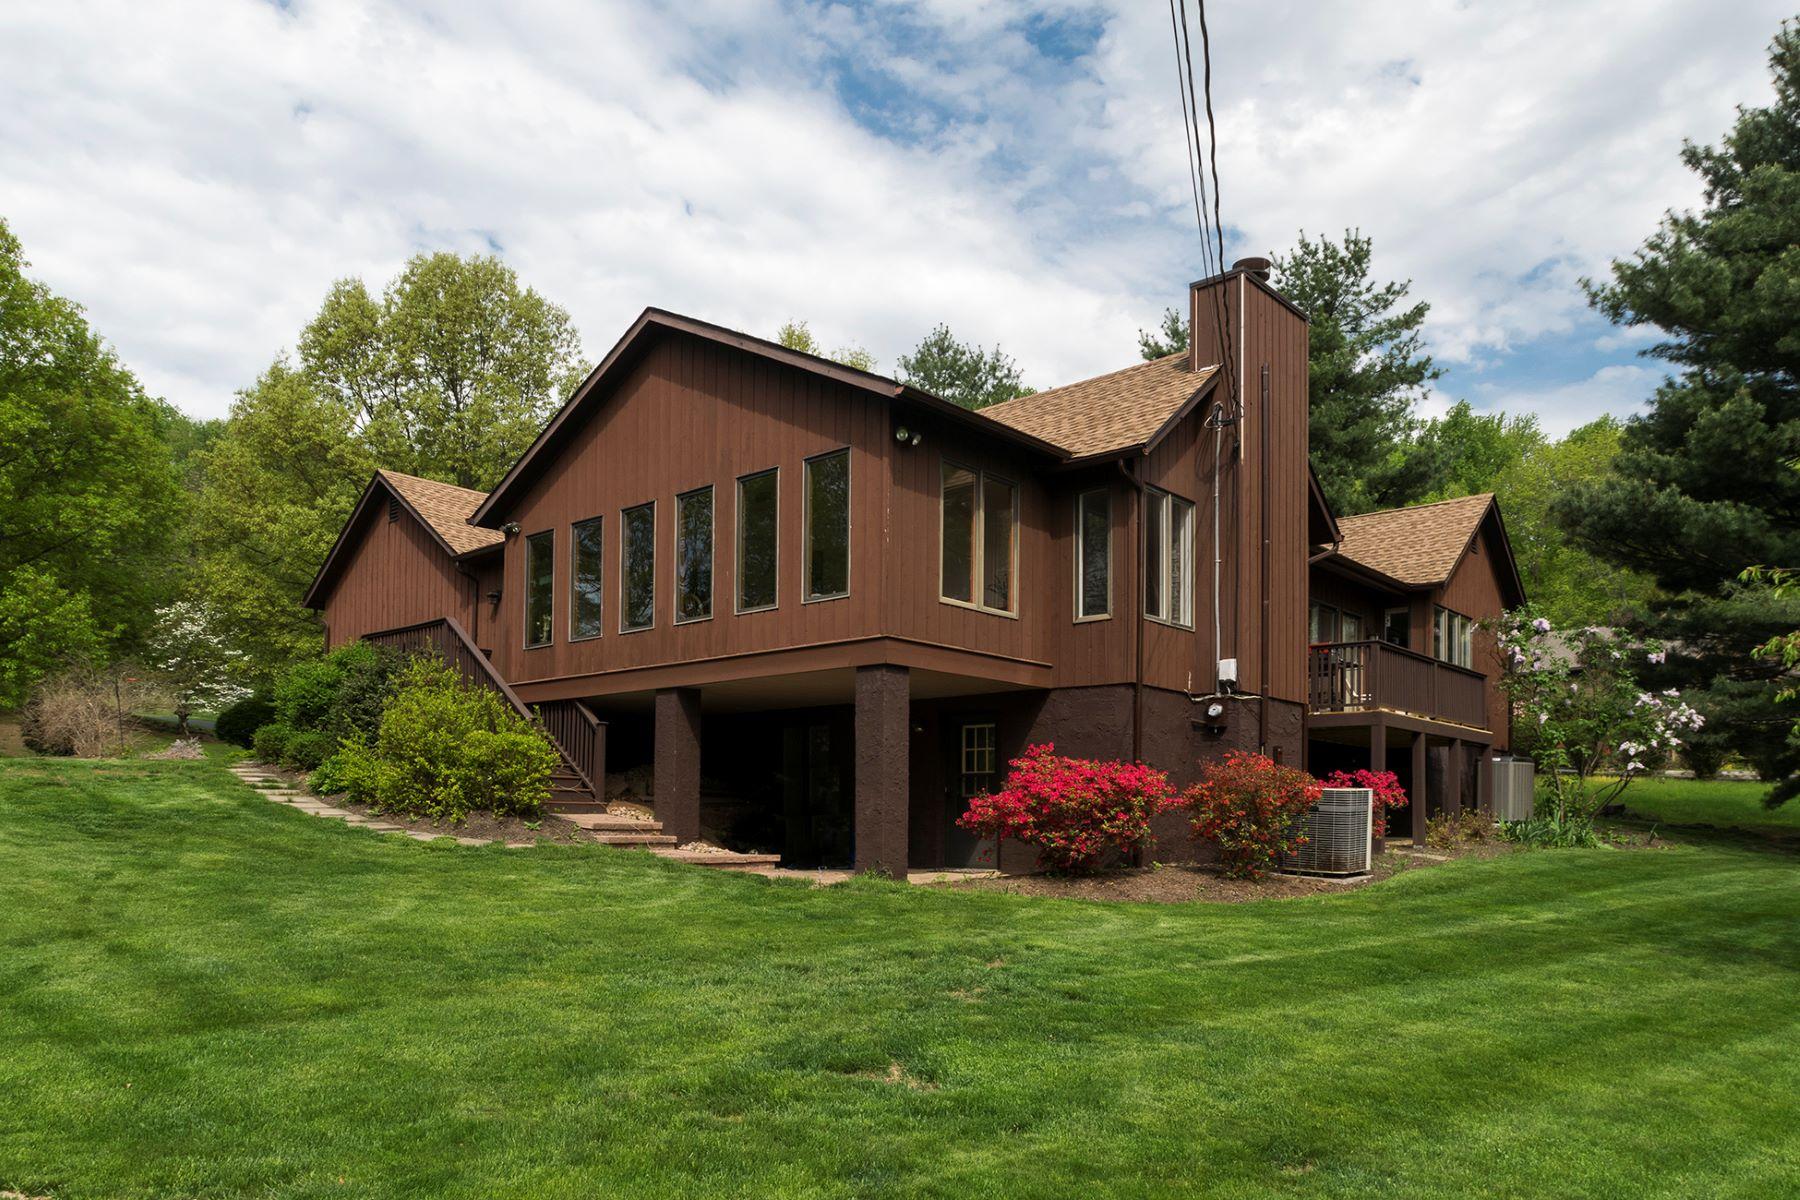 Частный односемейный дом для того Продажа на Great Style In A Great Location 2 Timber Ridge Court, Flemington, Нью-Джерси 08822 Соединенные ШтатыВ/Около: Raritan Township